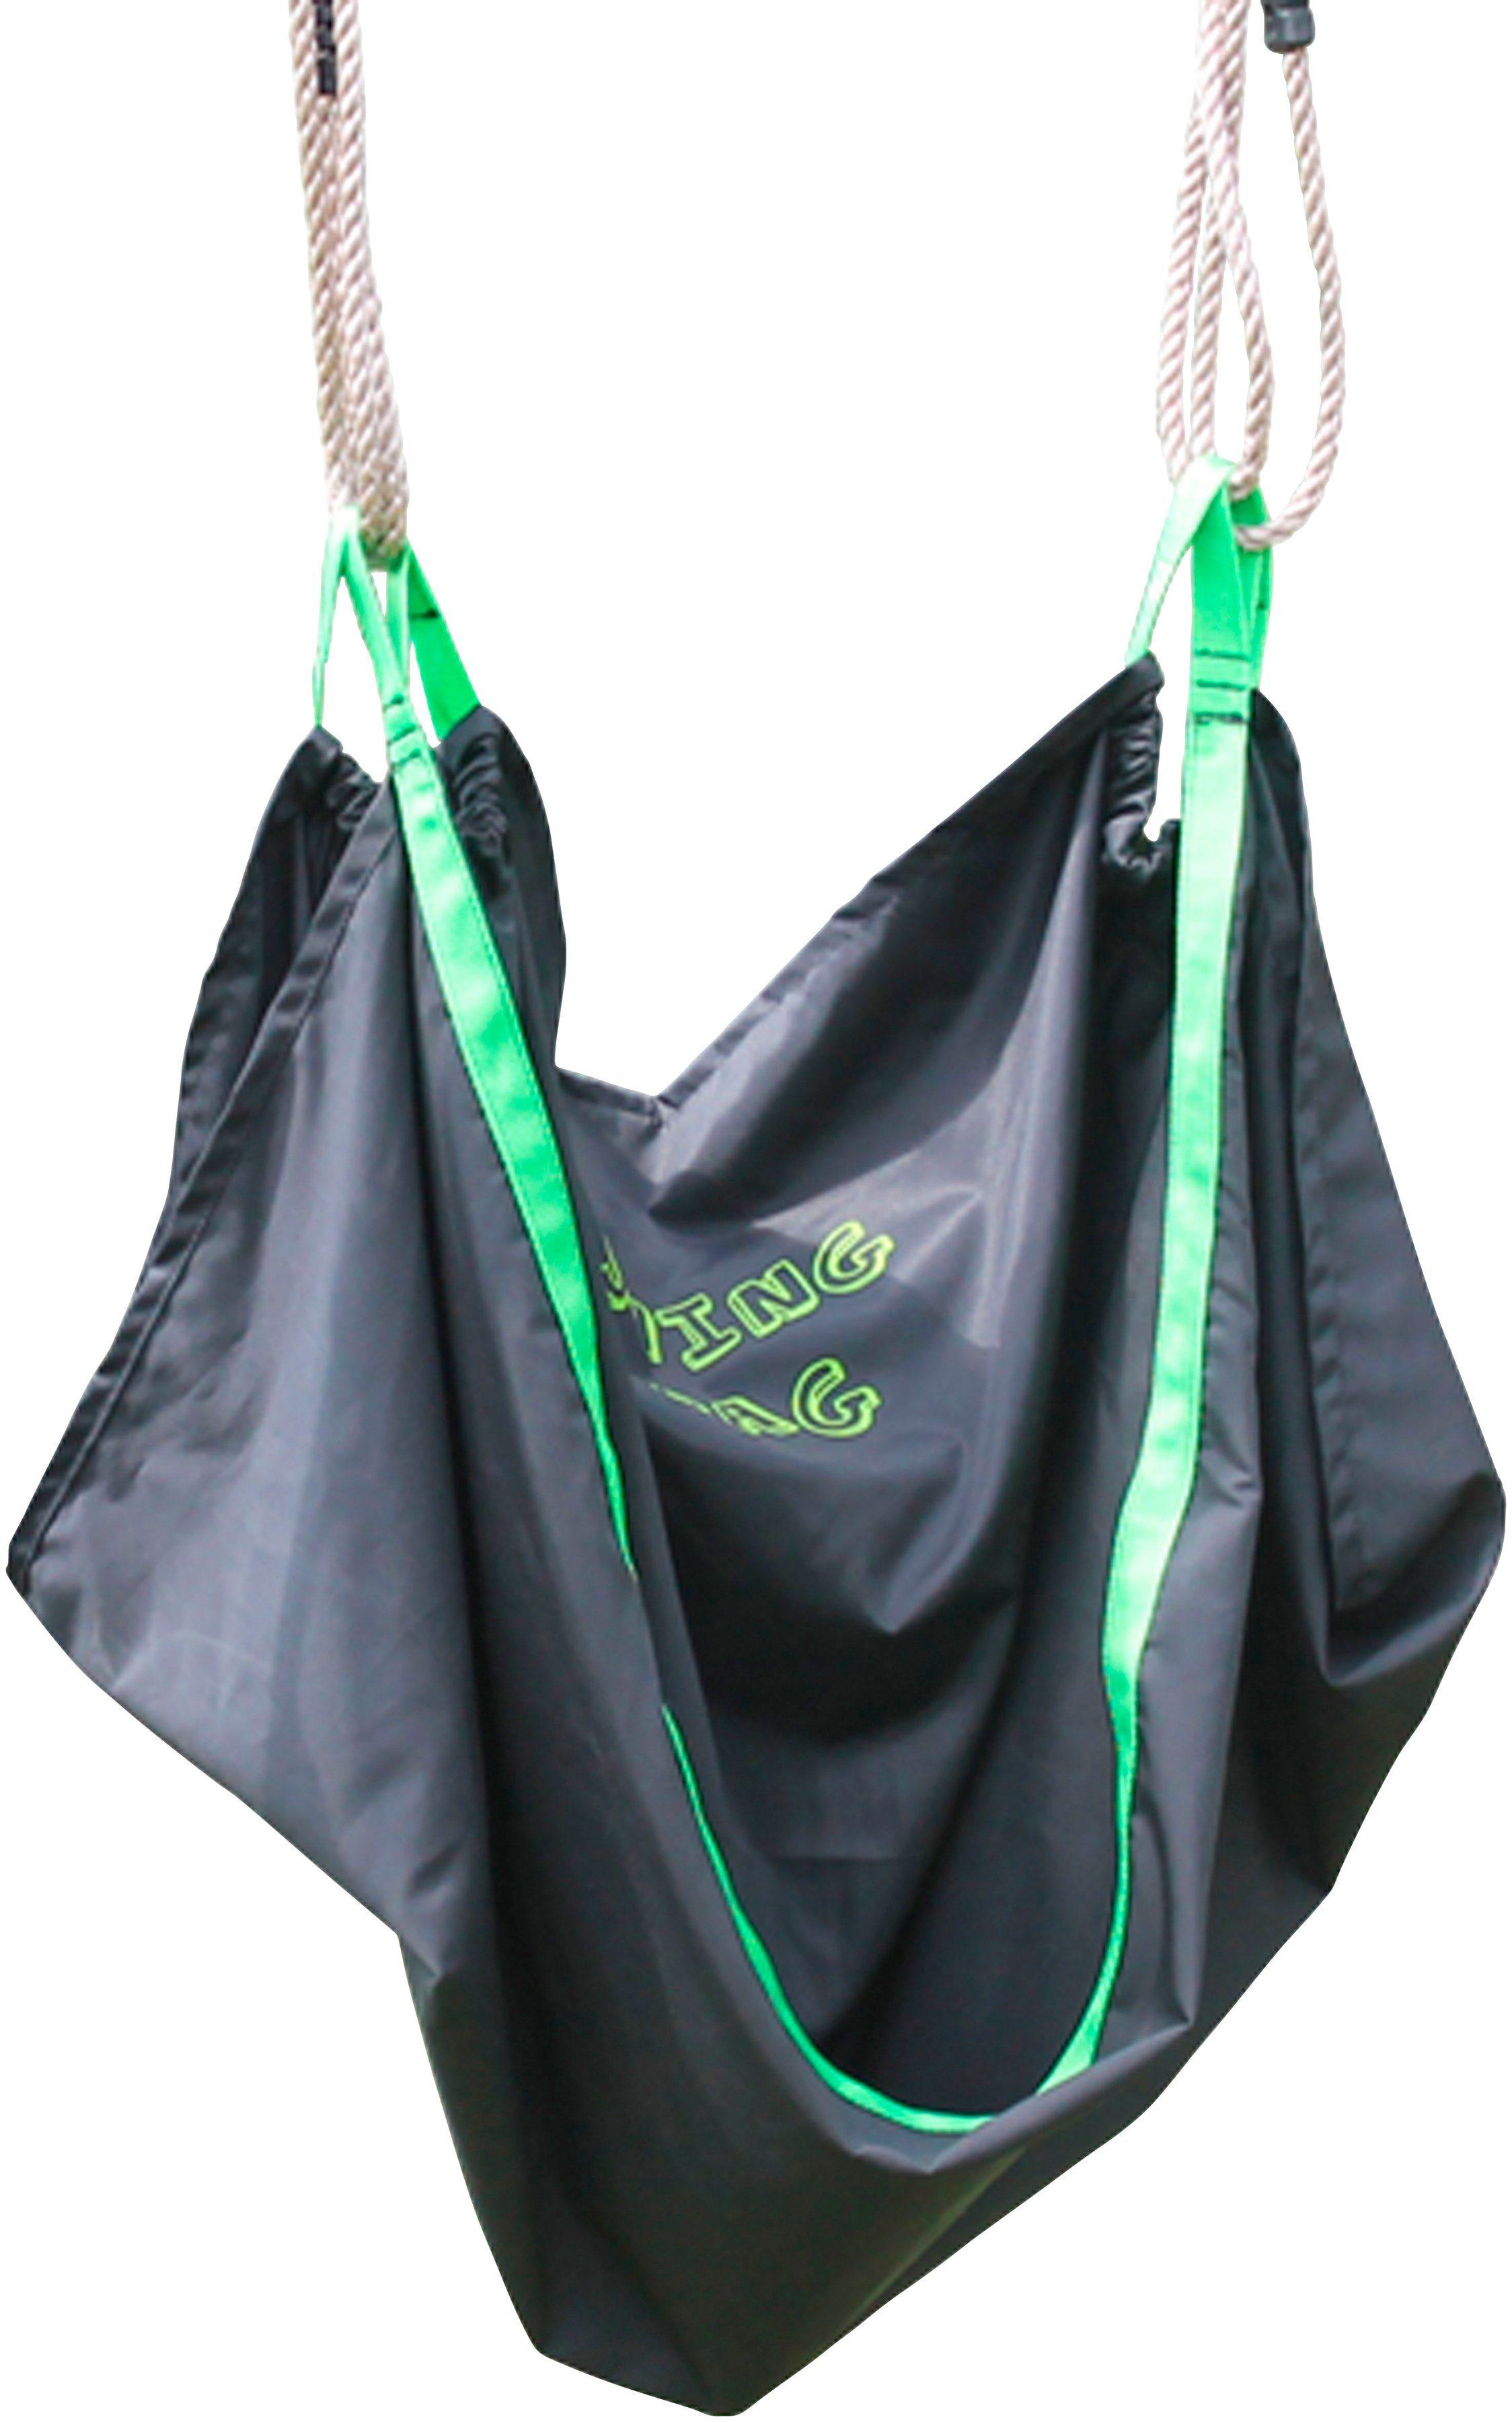 EXIT Schaukelsitz »Swingbag«, Textil, 110 cm, schwarz/grün